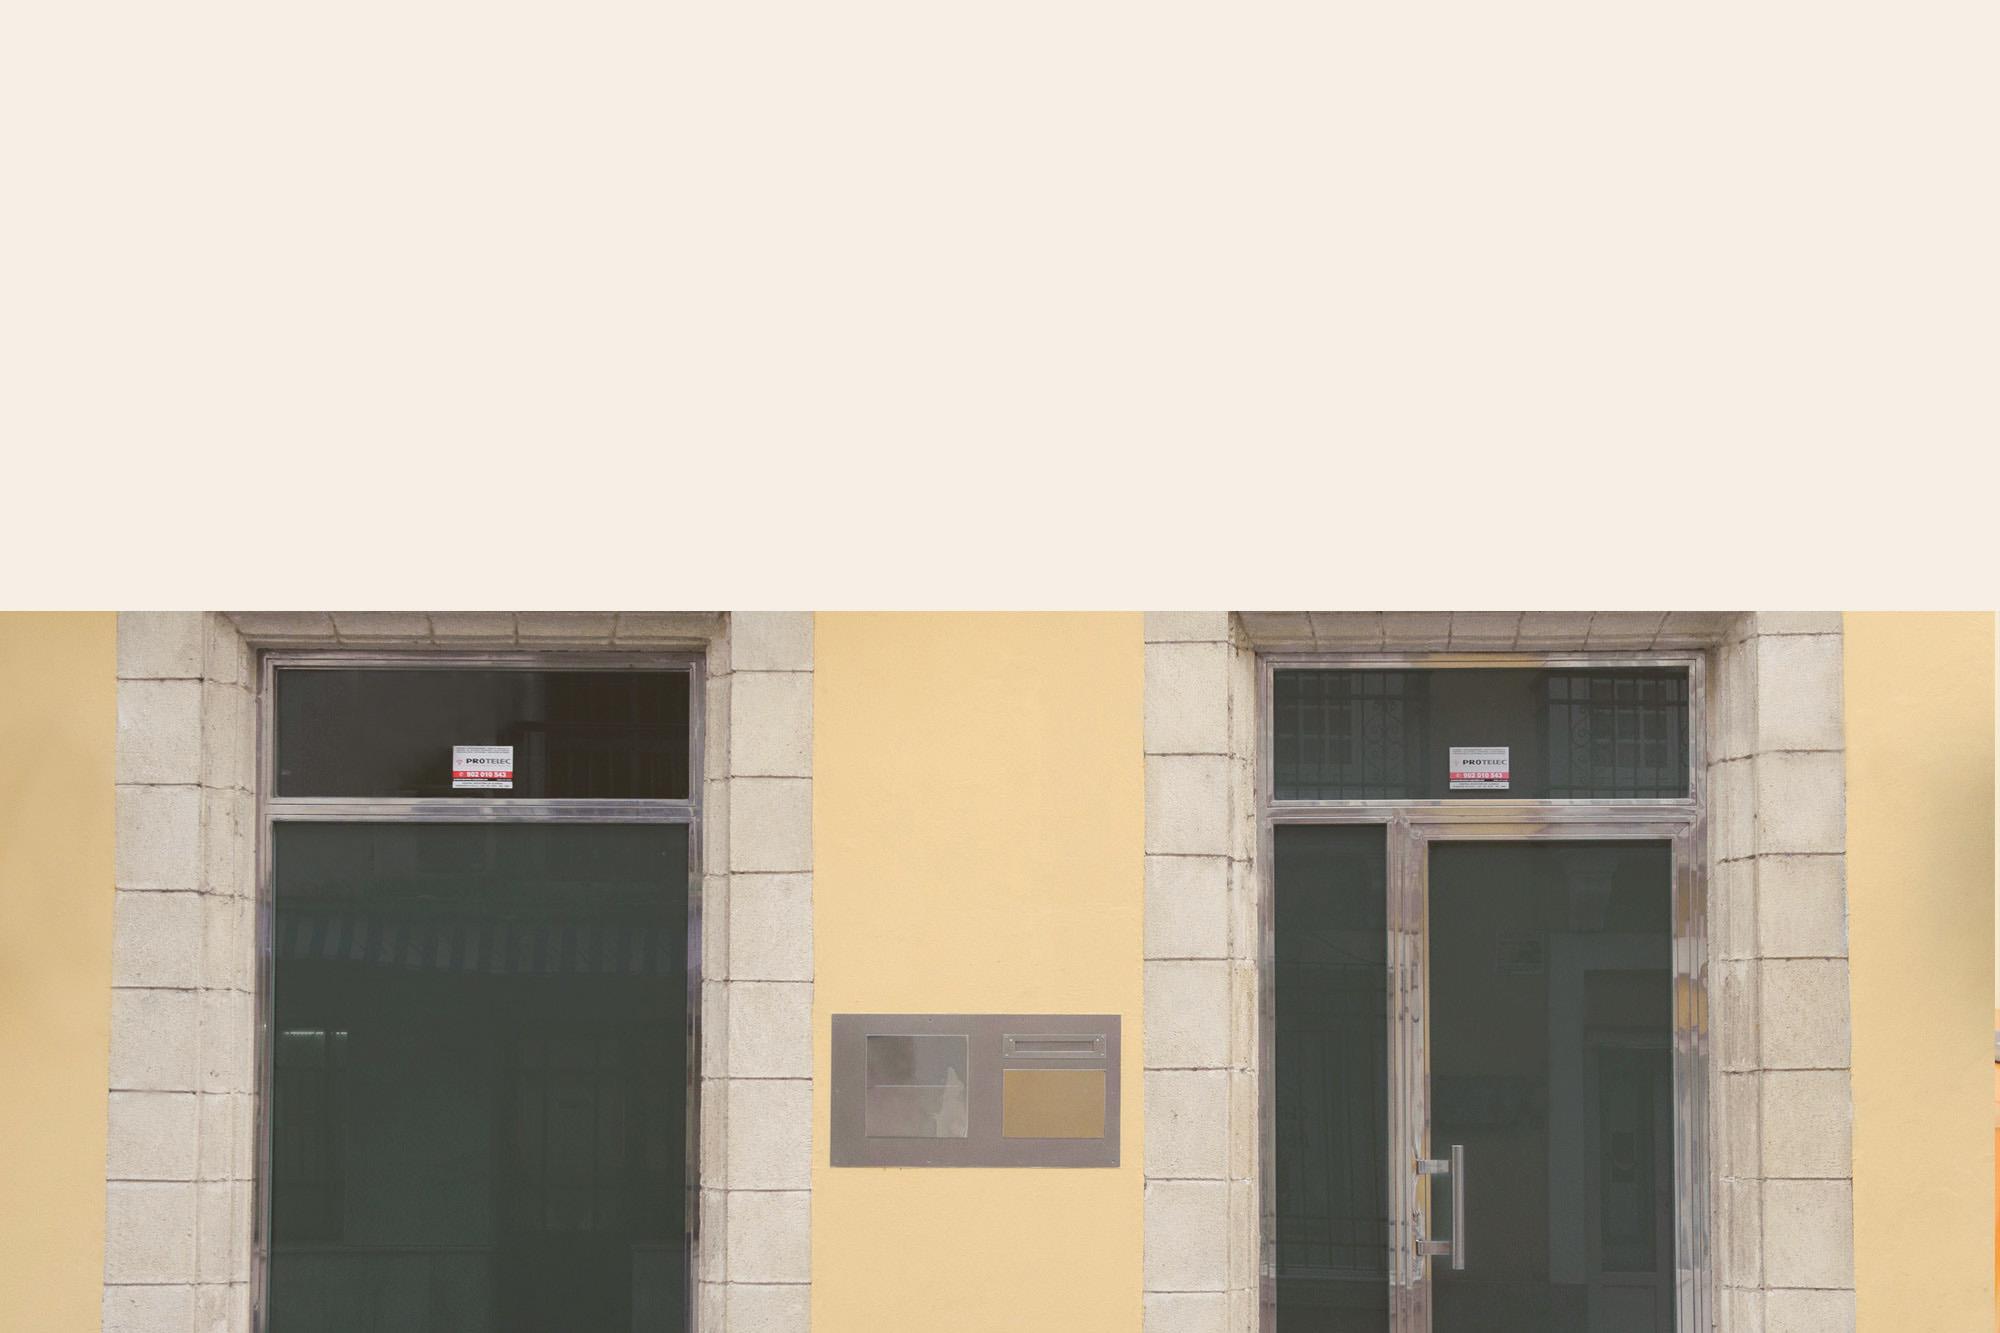 Gestoría Laboral Asesoría Fiscal y Contable en El Puerto de Santa María